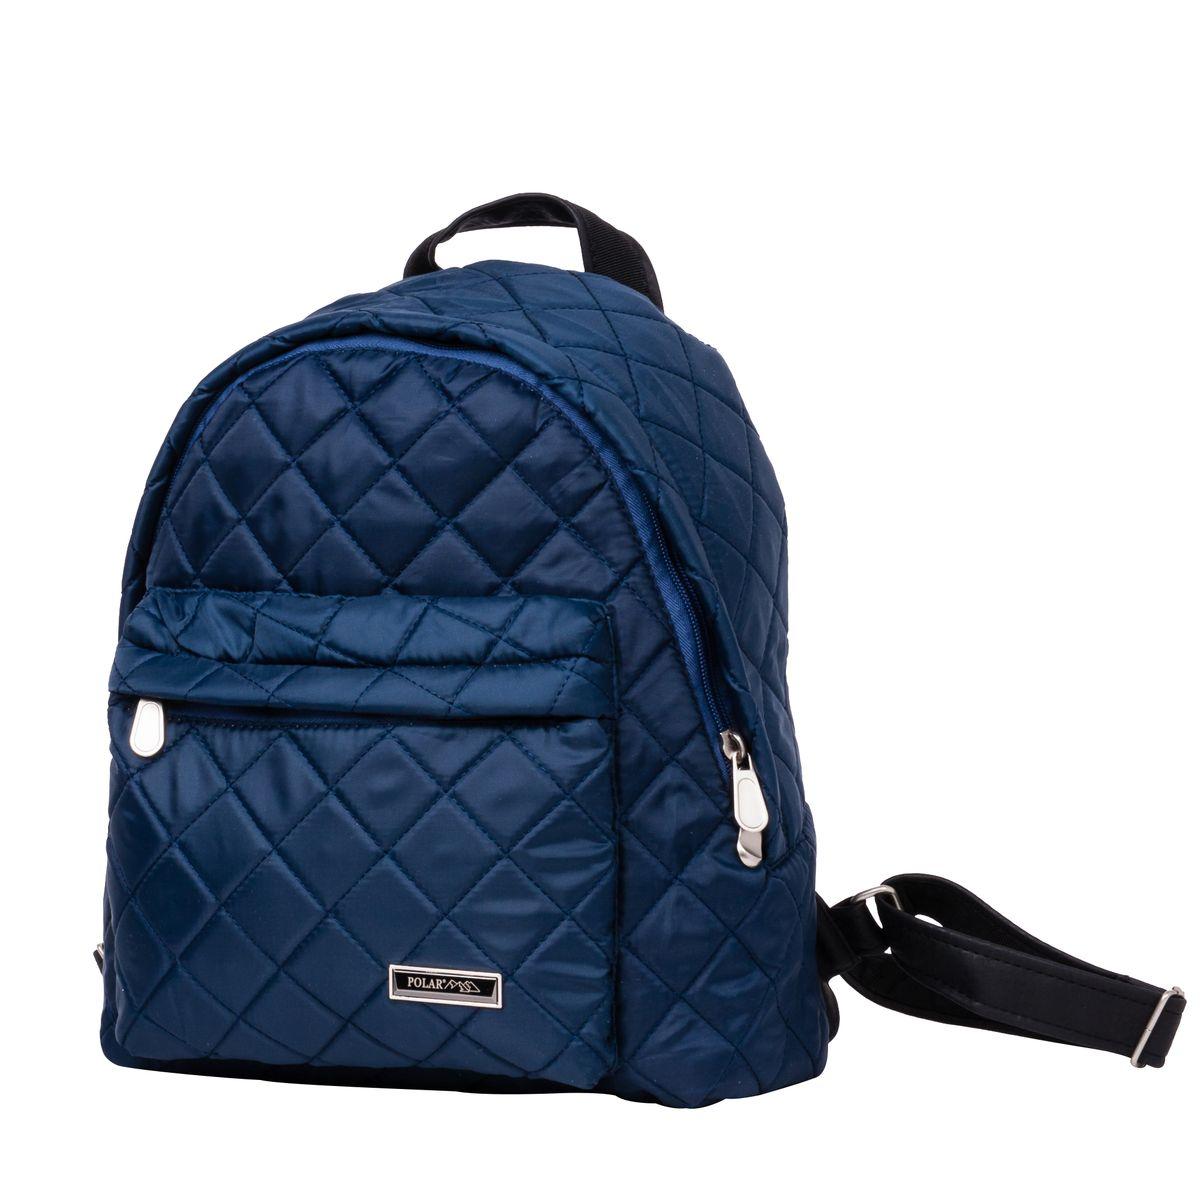 Рюкзак городской Polar, цвет: синий, 16 л. п7074-04 рюкзак городской polar цвет синий 16 л п7074 04 page 3